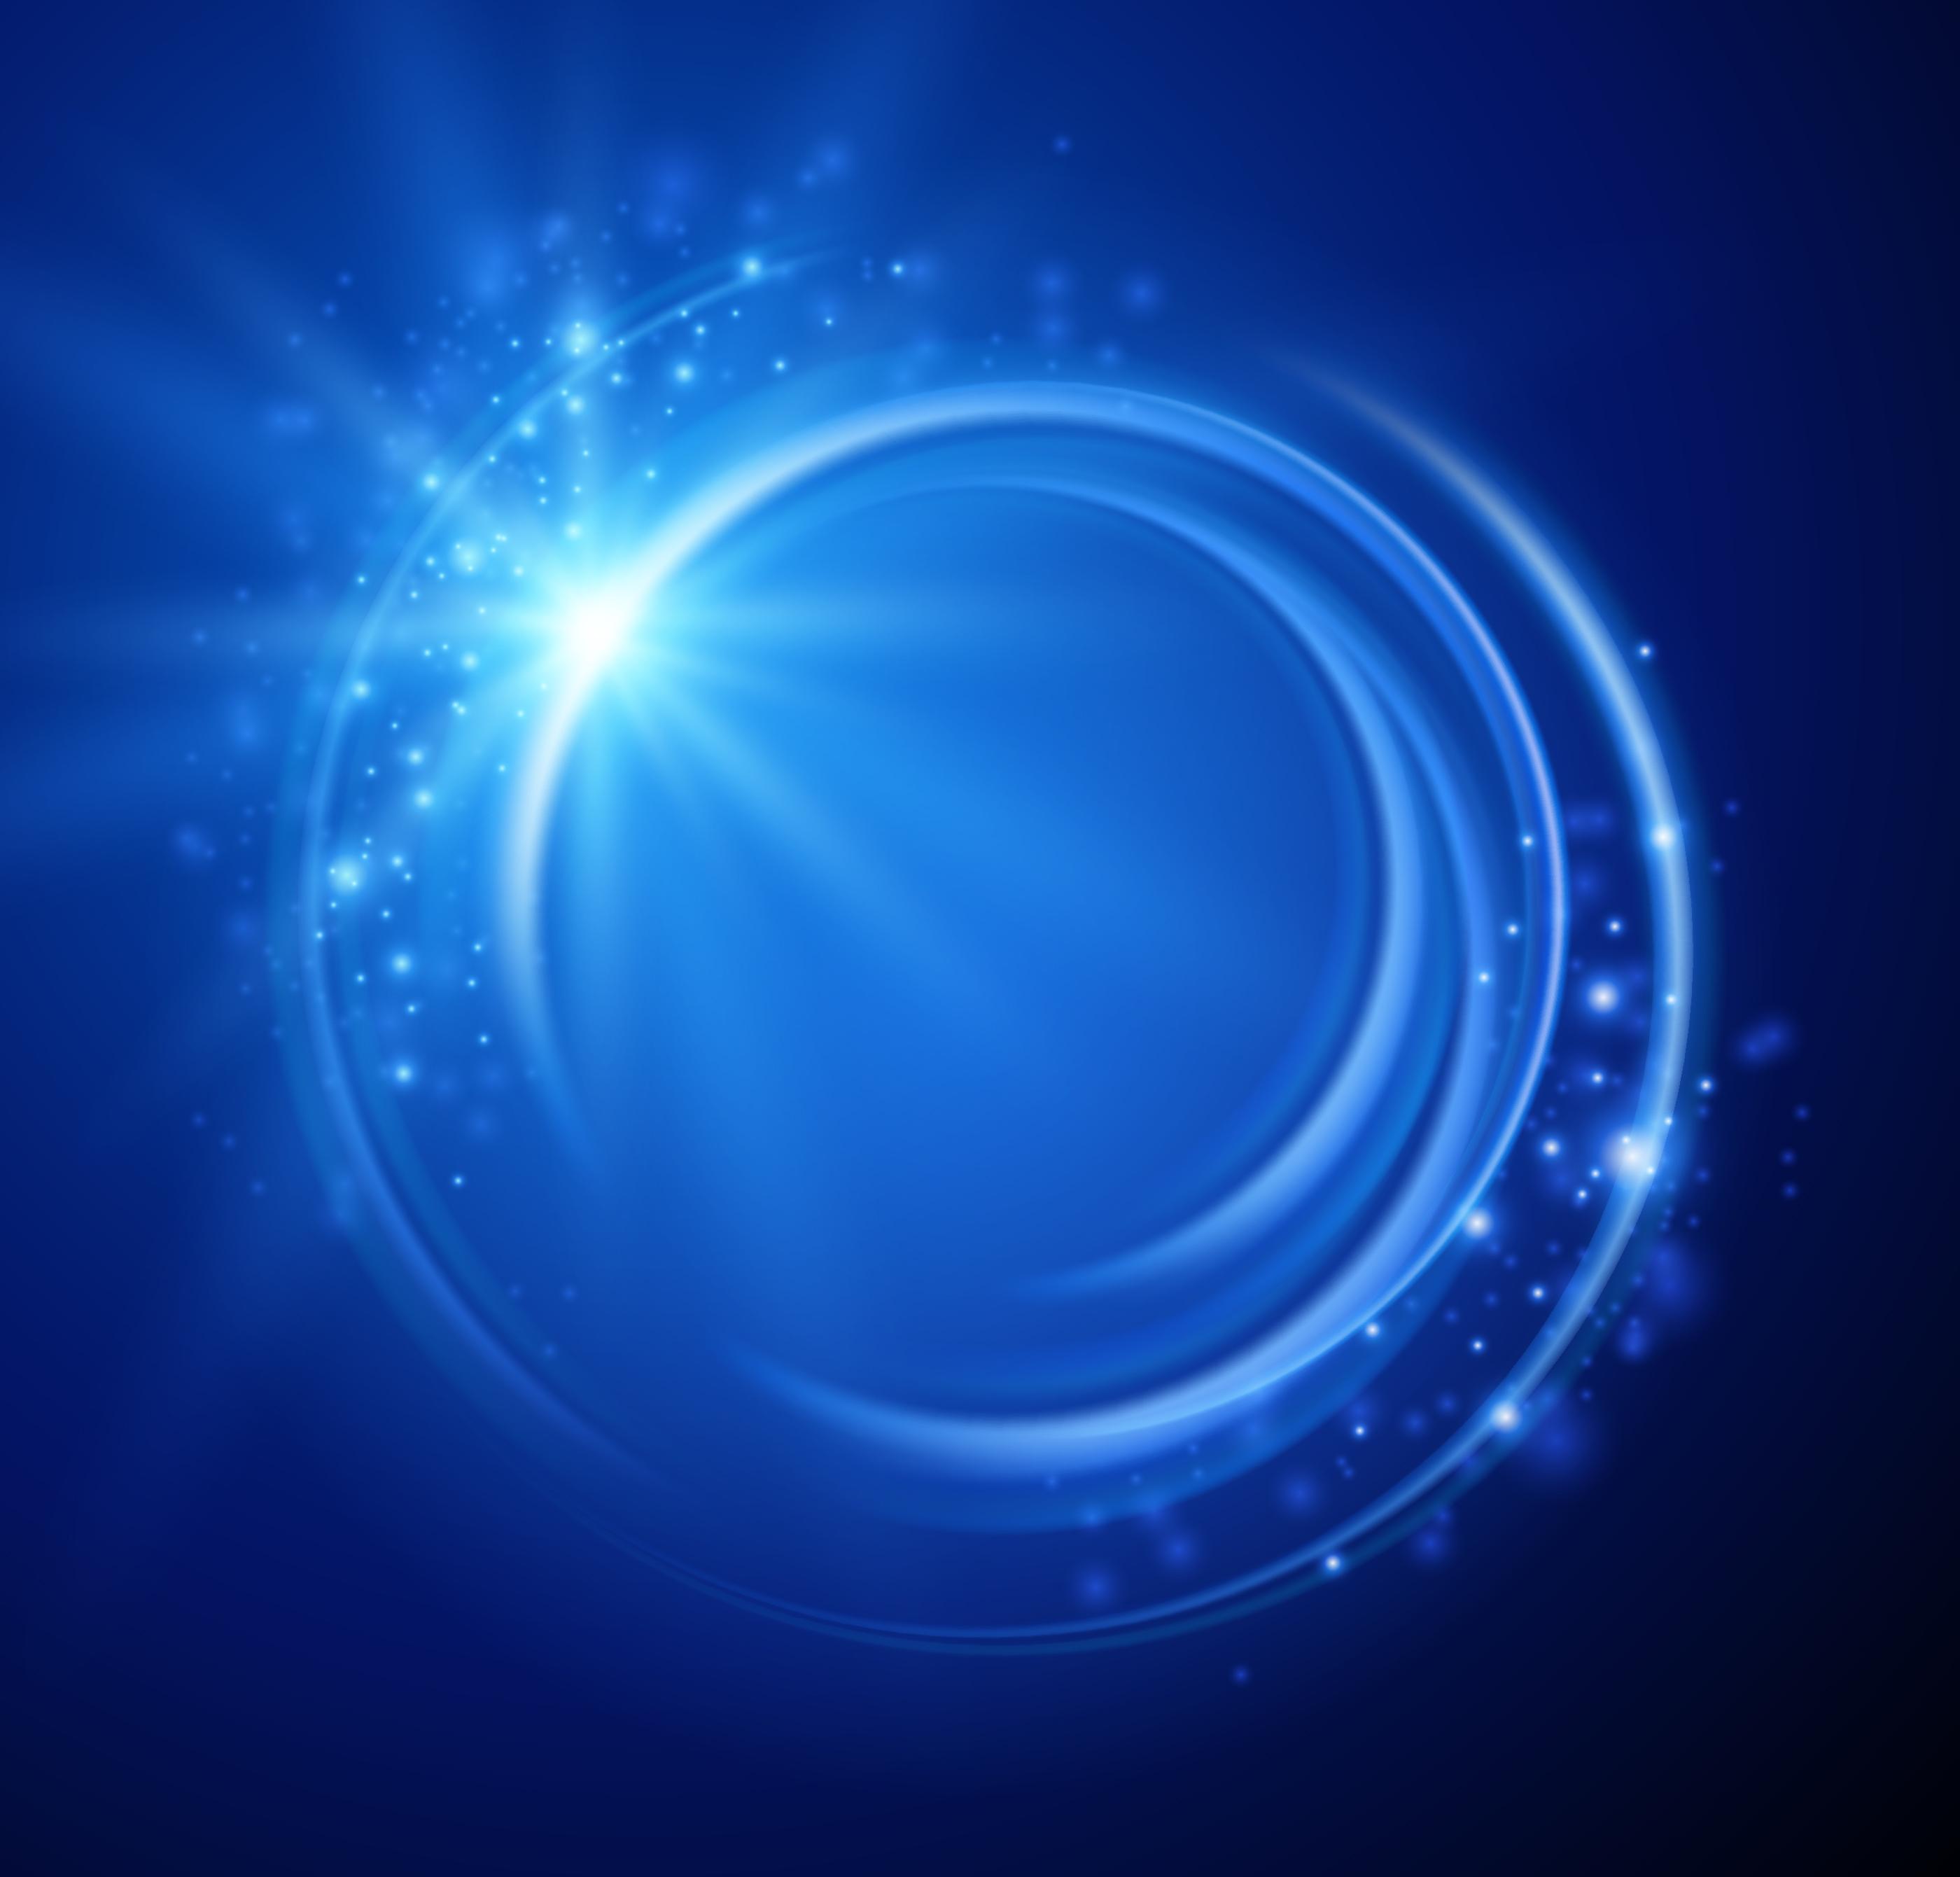 Healing energy discs